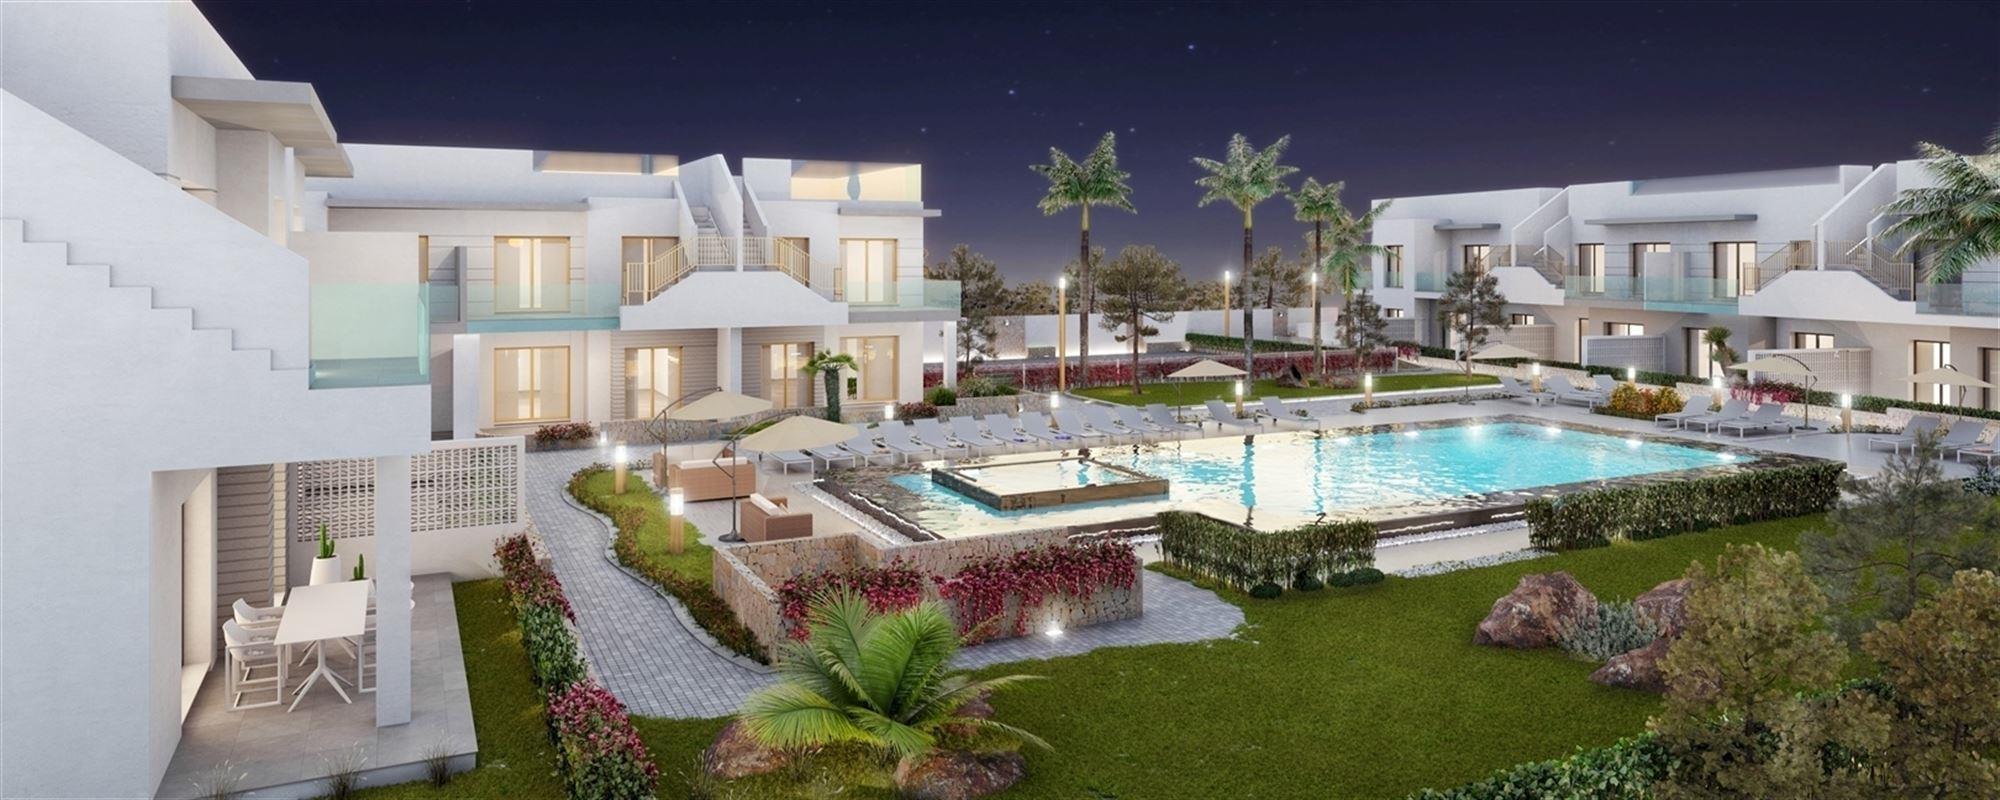 Foto 1 : Huis te 03190 PILAR DE LA HORADADA (Spanje) - Prijs € 175.900